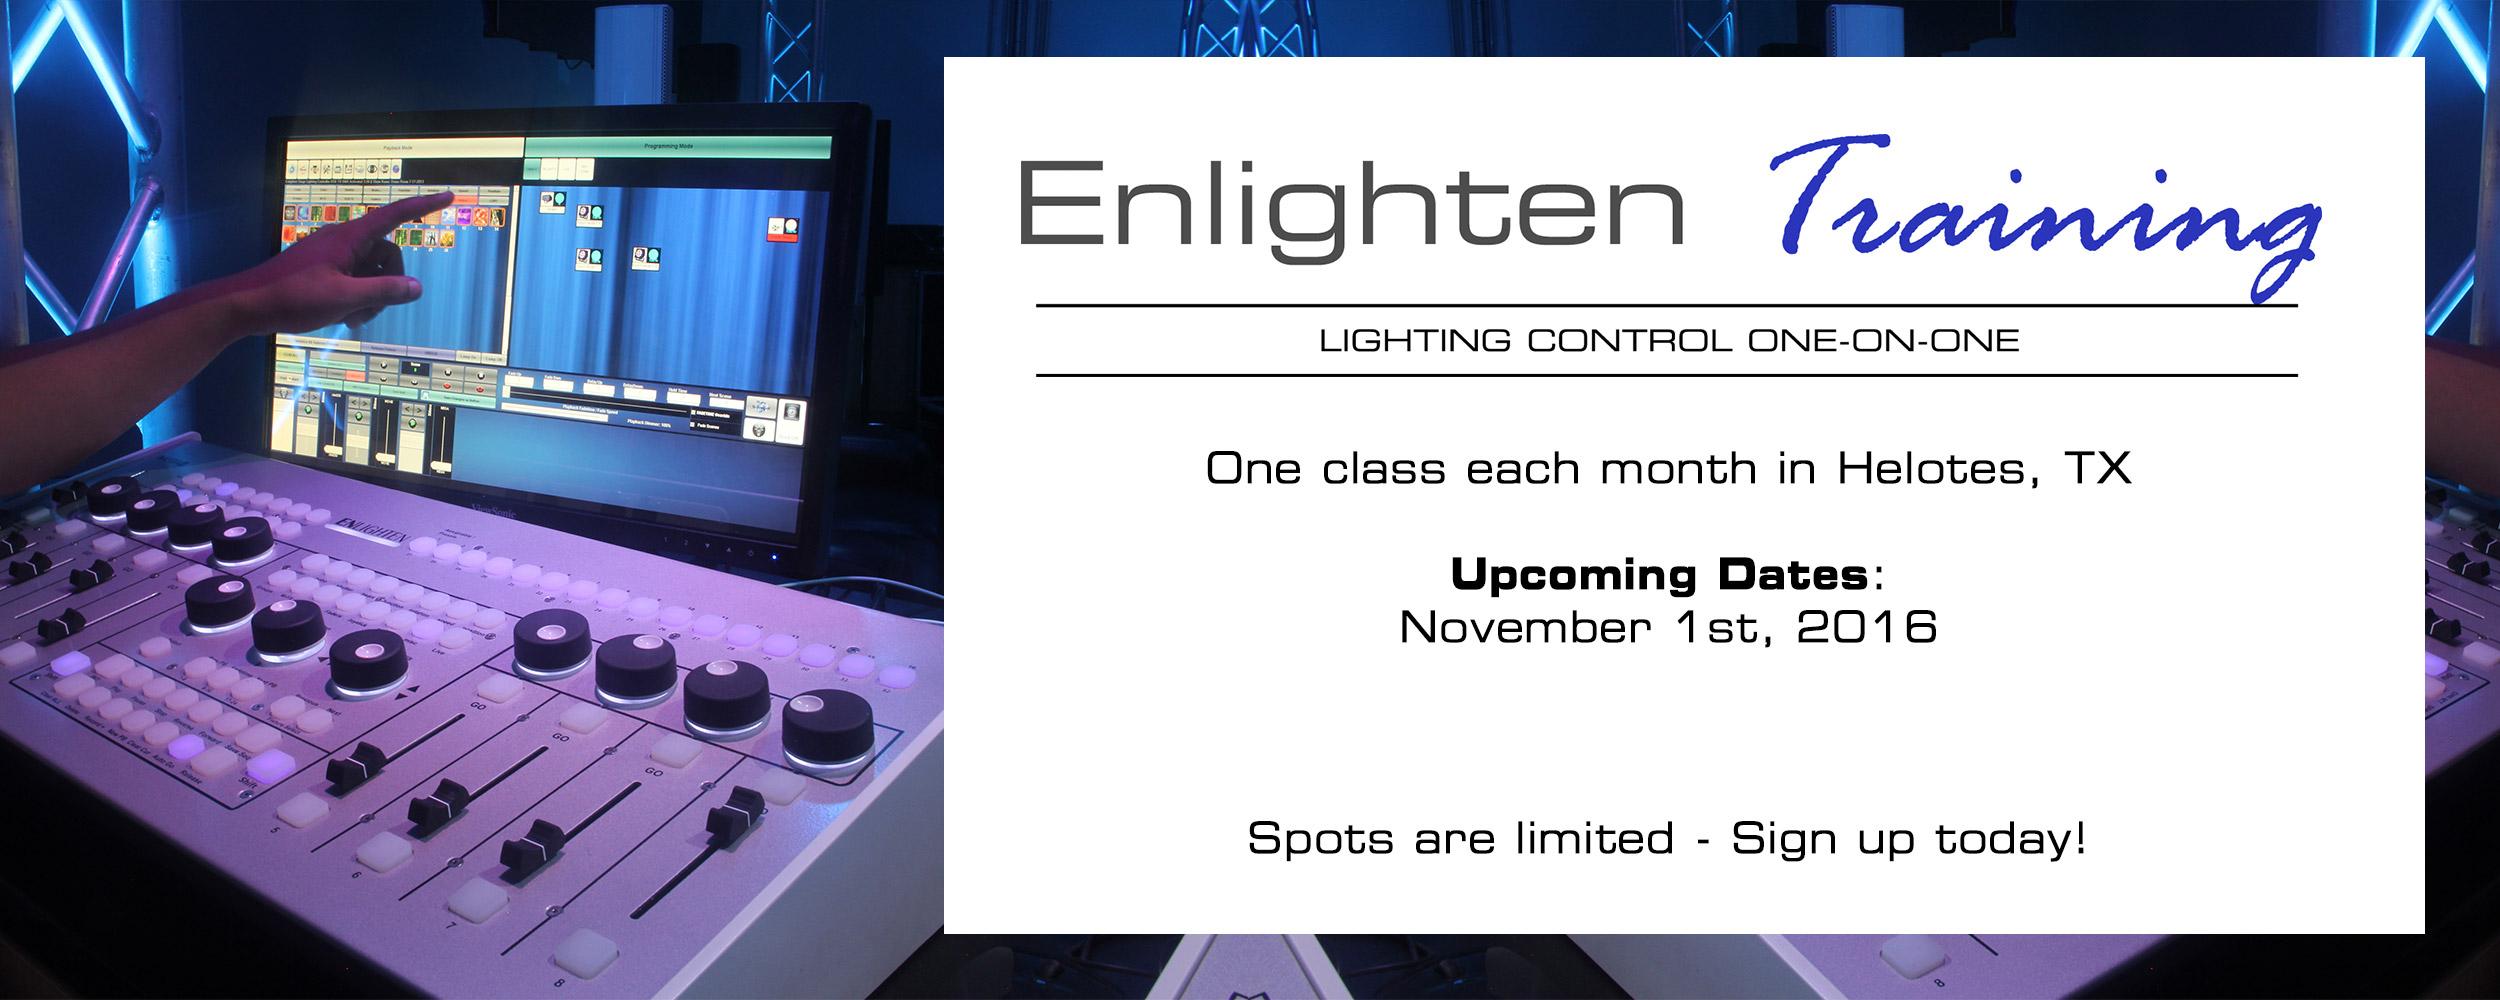 November Enlighten Training